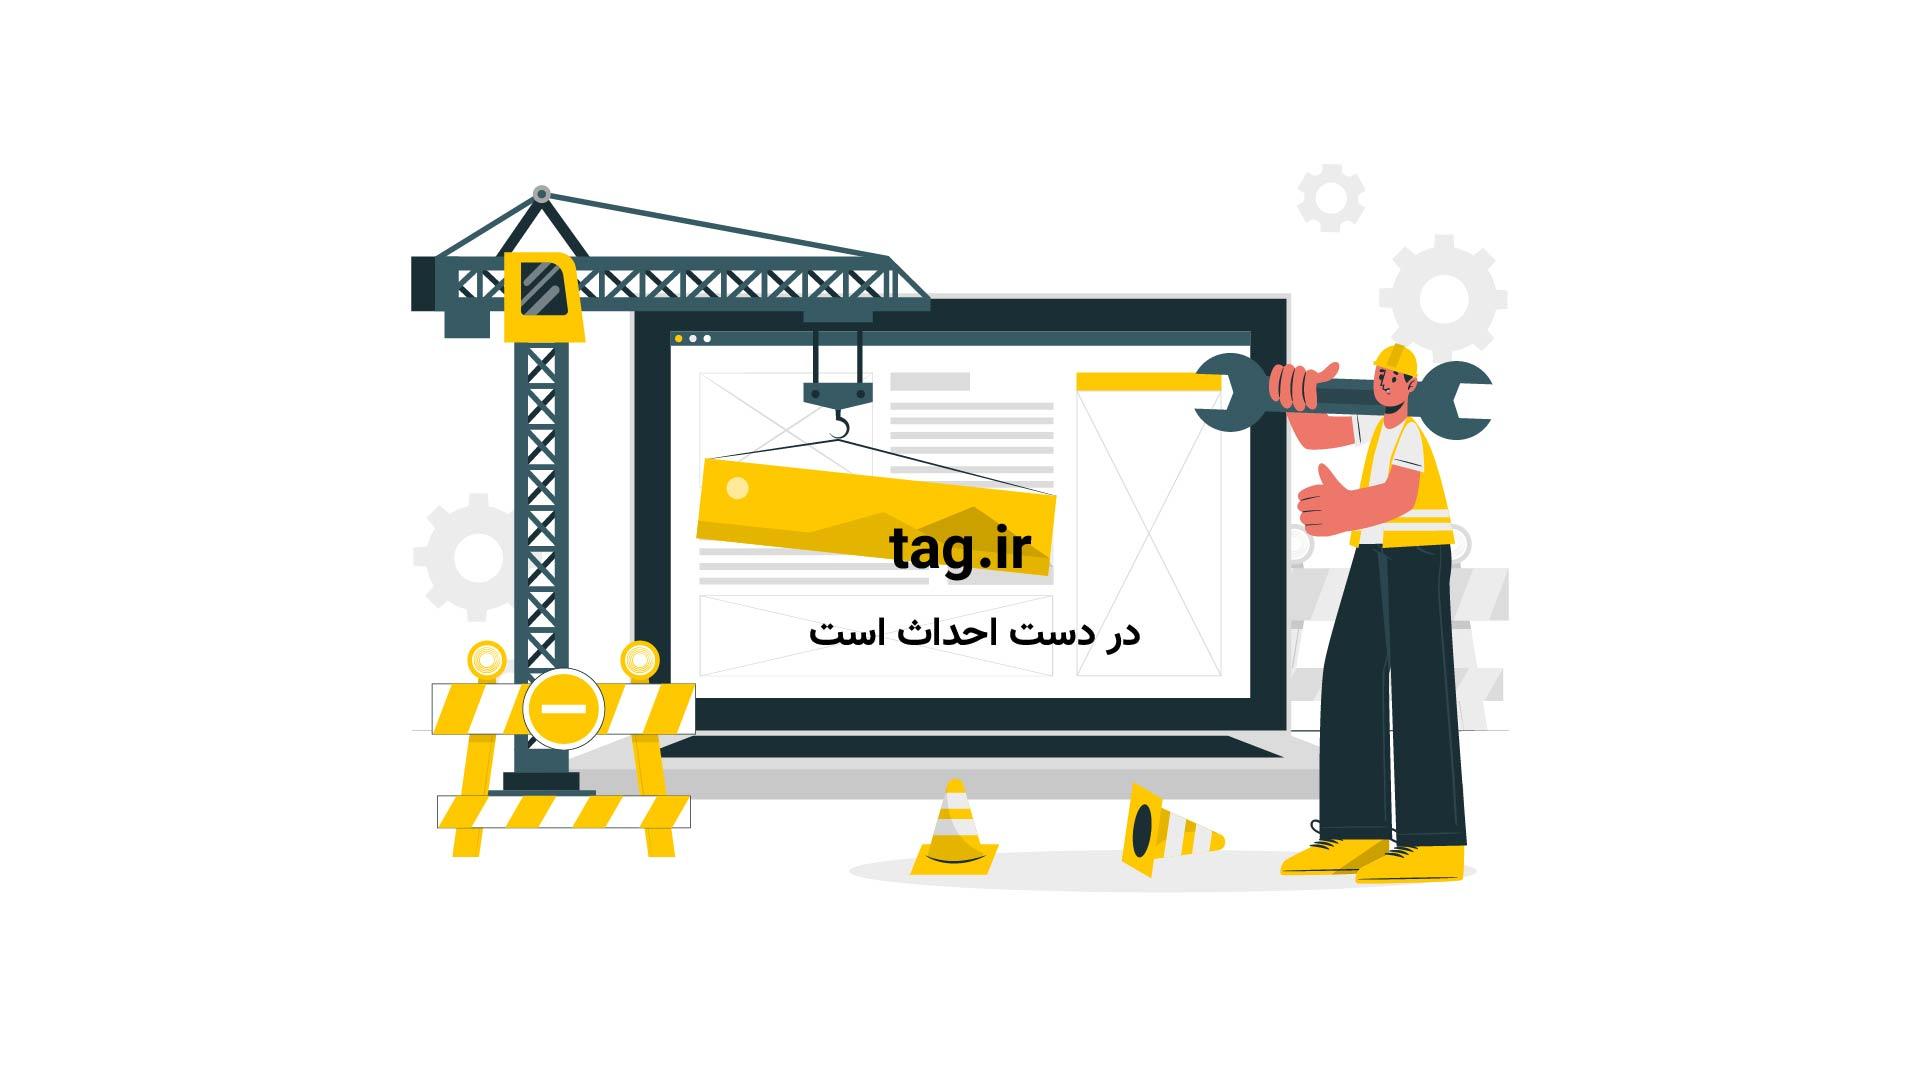 جنگجویان و عزاداران انقلاب اوکراین | فیلم